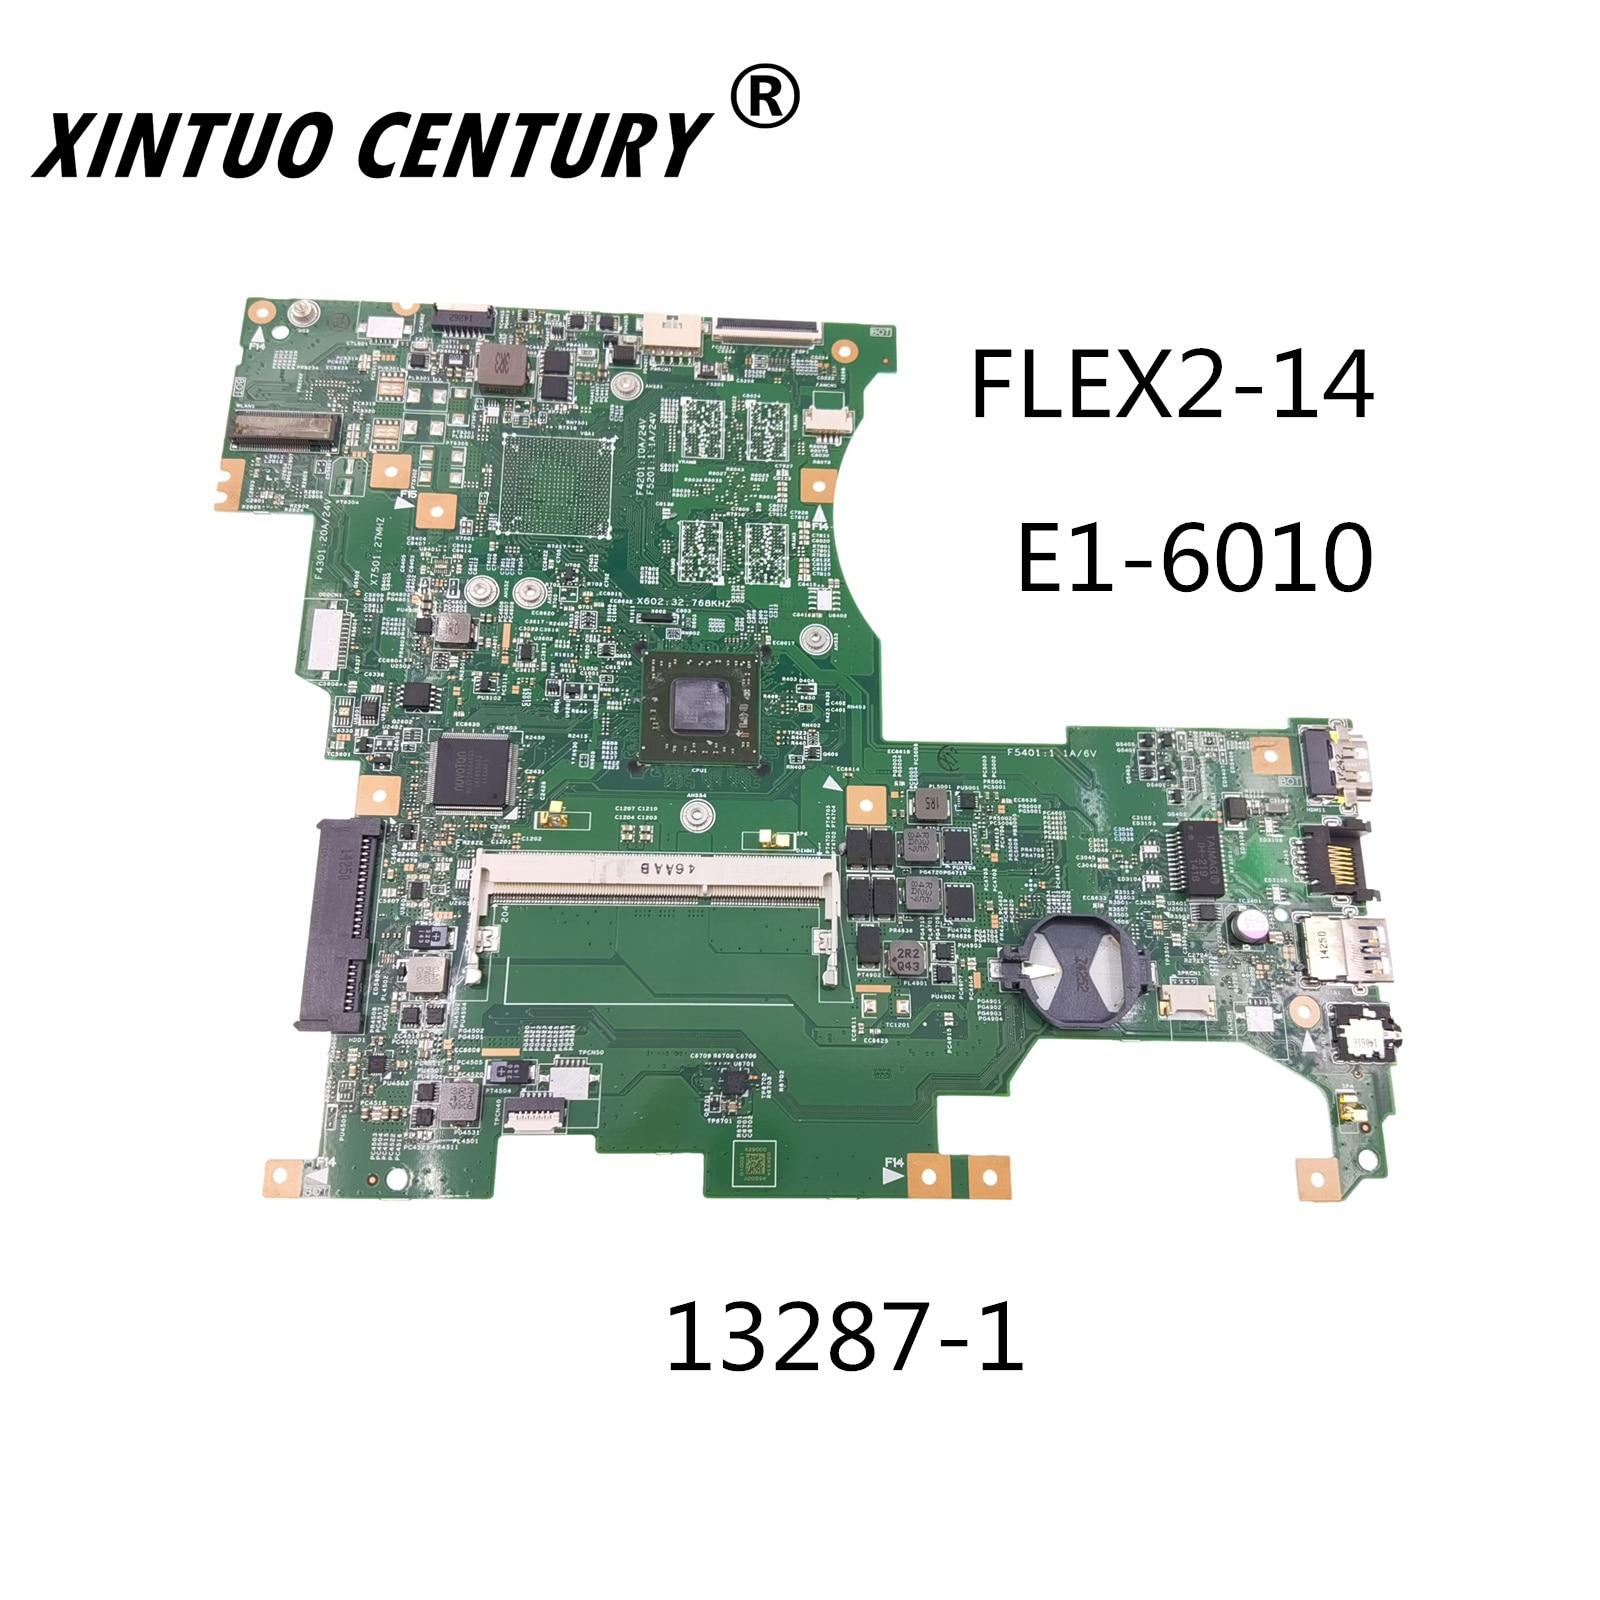 13287-1 For Lenovo Flex2-14 computador portátil placa-mãe 448.00y02. 0011 com EM6010 E1-6010 CPU 100% test